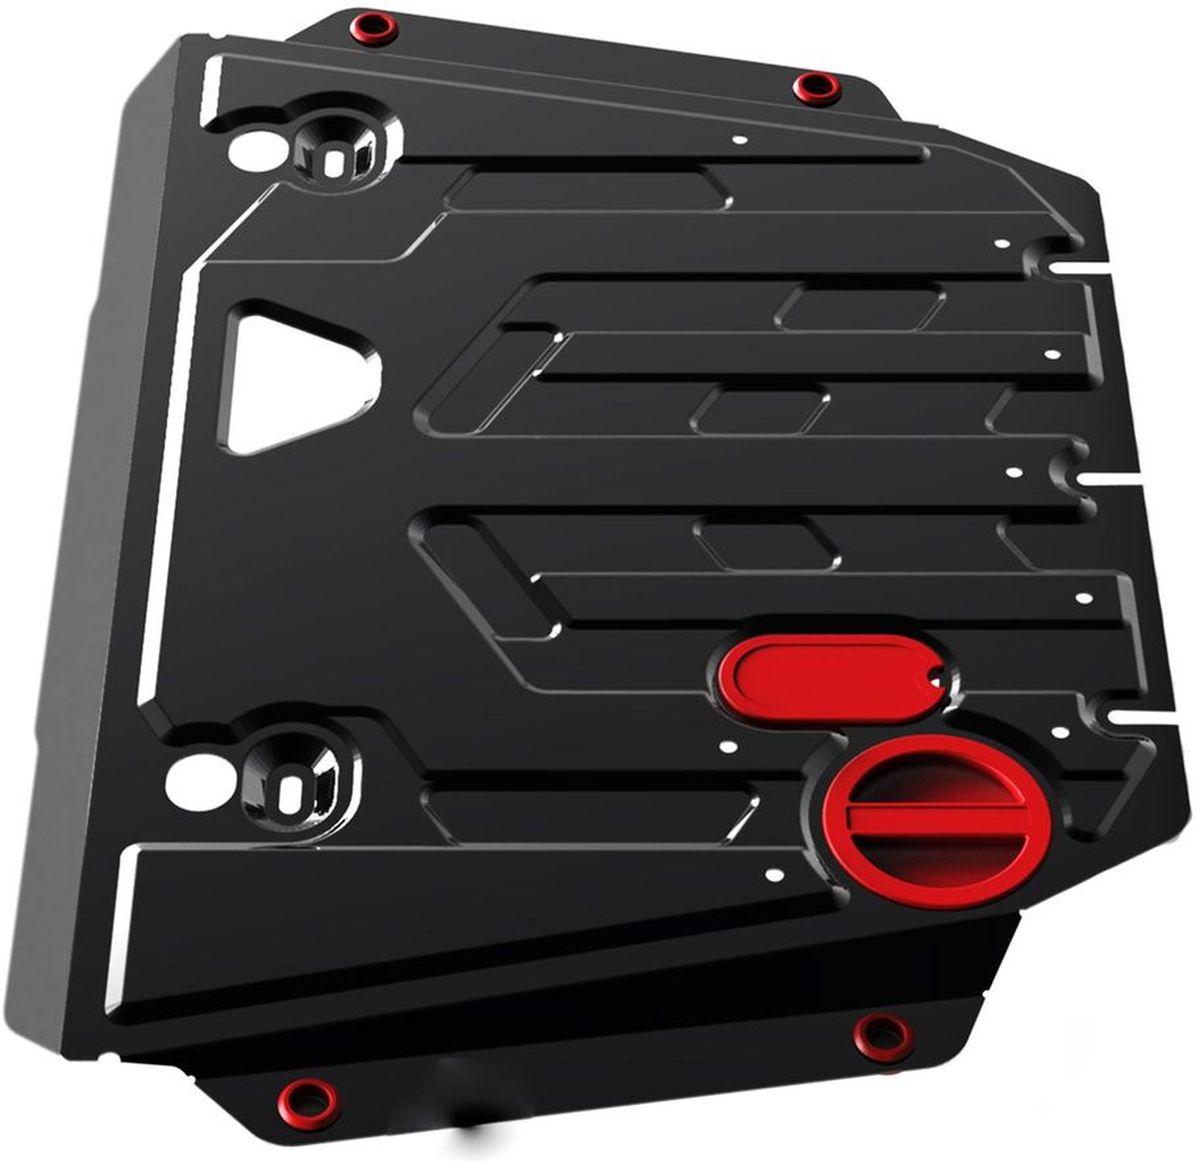 Защита картера и КПП Автоброня, для Lifan Х60 V - 1,8i (2012-2016; 2016-)111.03307.1Технологически совершенный продукт за невысокую стоимость. Защита разработана с учетом особенностей днища автомобиля, что позволяет сохранить дорожный просвет с минимальным изменением. Защита устанавливается в штатные места кузова автомобиля. Глубокий штамп обеспечивает до двух раз больше жесткости в сравнении с обычной защитой той же толщины. Проштампованные ребра жесткости препятствуют деформации защиты при ударах. Тепловой зазор и вентиляционные отверстия обеспечивают сохранение температурного режима двигателя в норме. Скрытый крепеж предотвращает срыв крепежных элементов при наезде на препятствие. Шумопоглощающие резиновые элементы обеспечивают комфортную езду без вибраций и скрежета металла, а съемные лючки для слива масла и замены фильтра - экономию средств и время. Конструкция изделия не влияет на пассивную безопасность автомобиля (при ударе защита не воздействует на деформационные зоны кузова). Со штатным крепежом. В комплекте инструкция по установке....